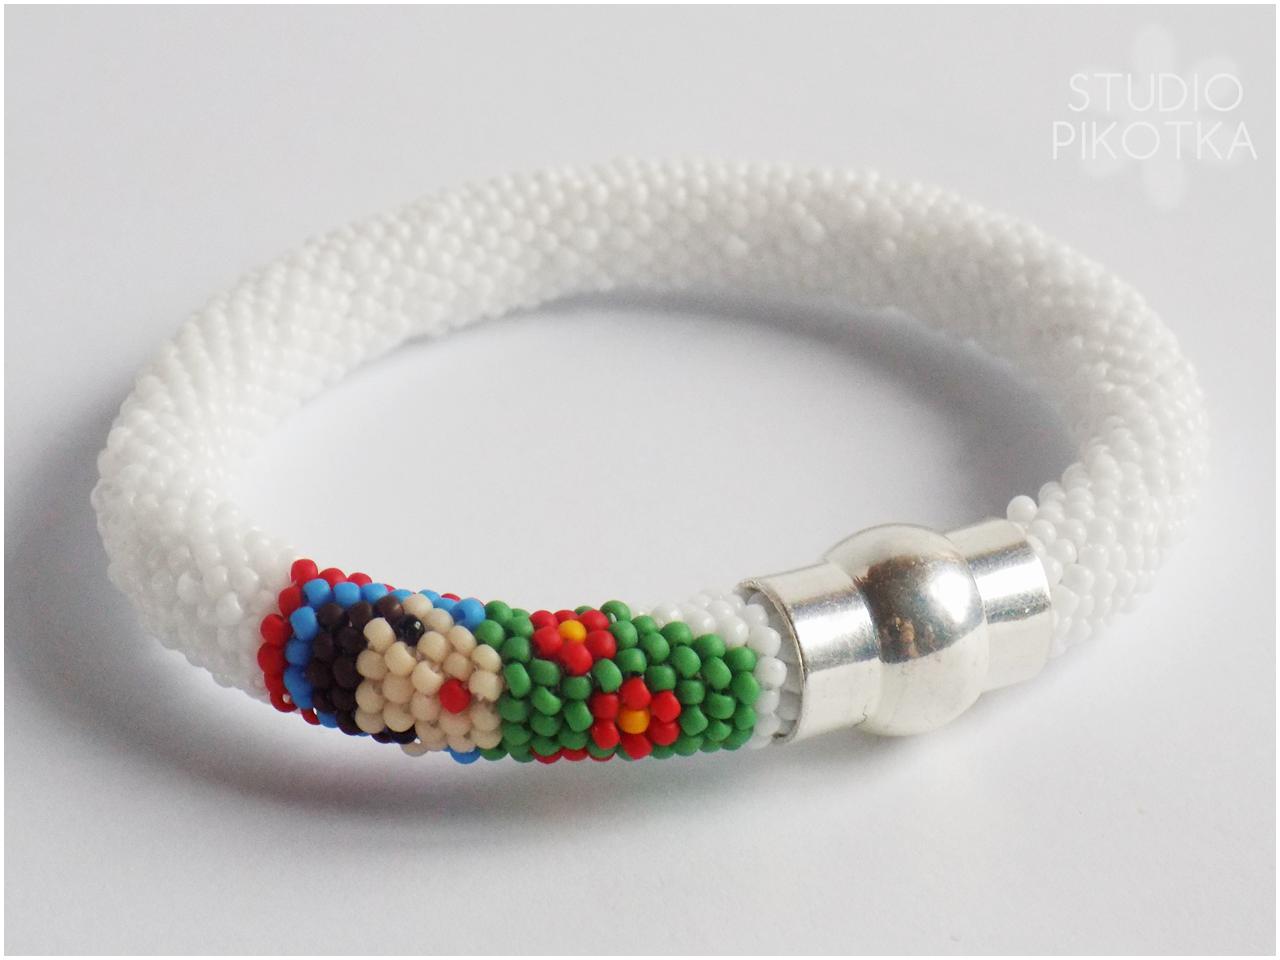 bransoletka, biżuteria, handmade, rękodzieło, ukośnik, koraliki toho, matrioszka, bracelet, jewellery